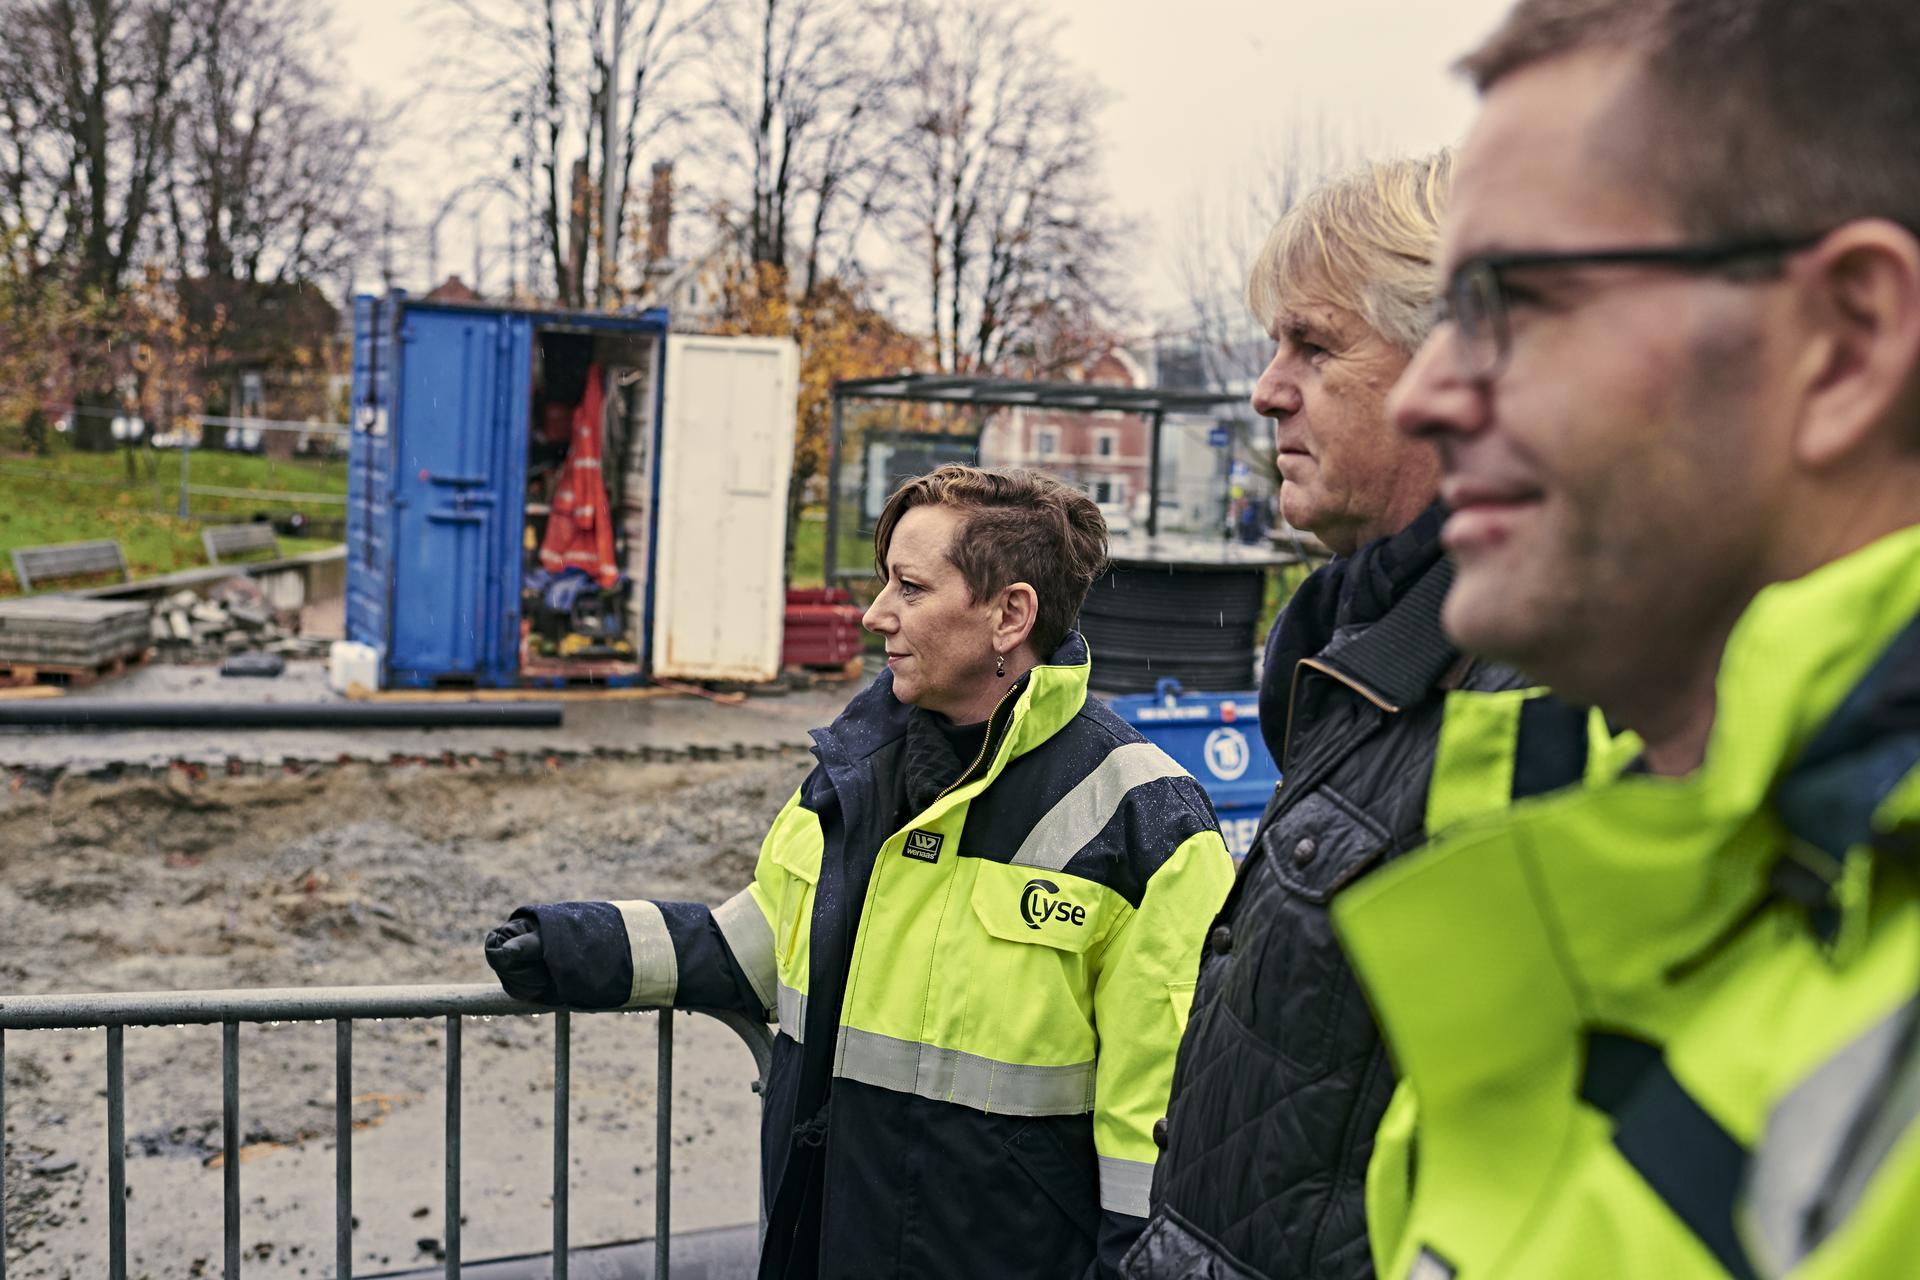 Hege Monsen-Wiggins, Leiv Molven, og Aleksander Dåsvand ved anleggsområdet på Storhaug. (Foto: Kristofer Ryde)